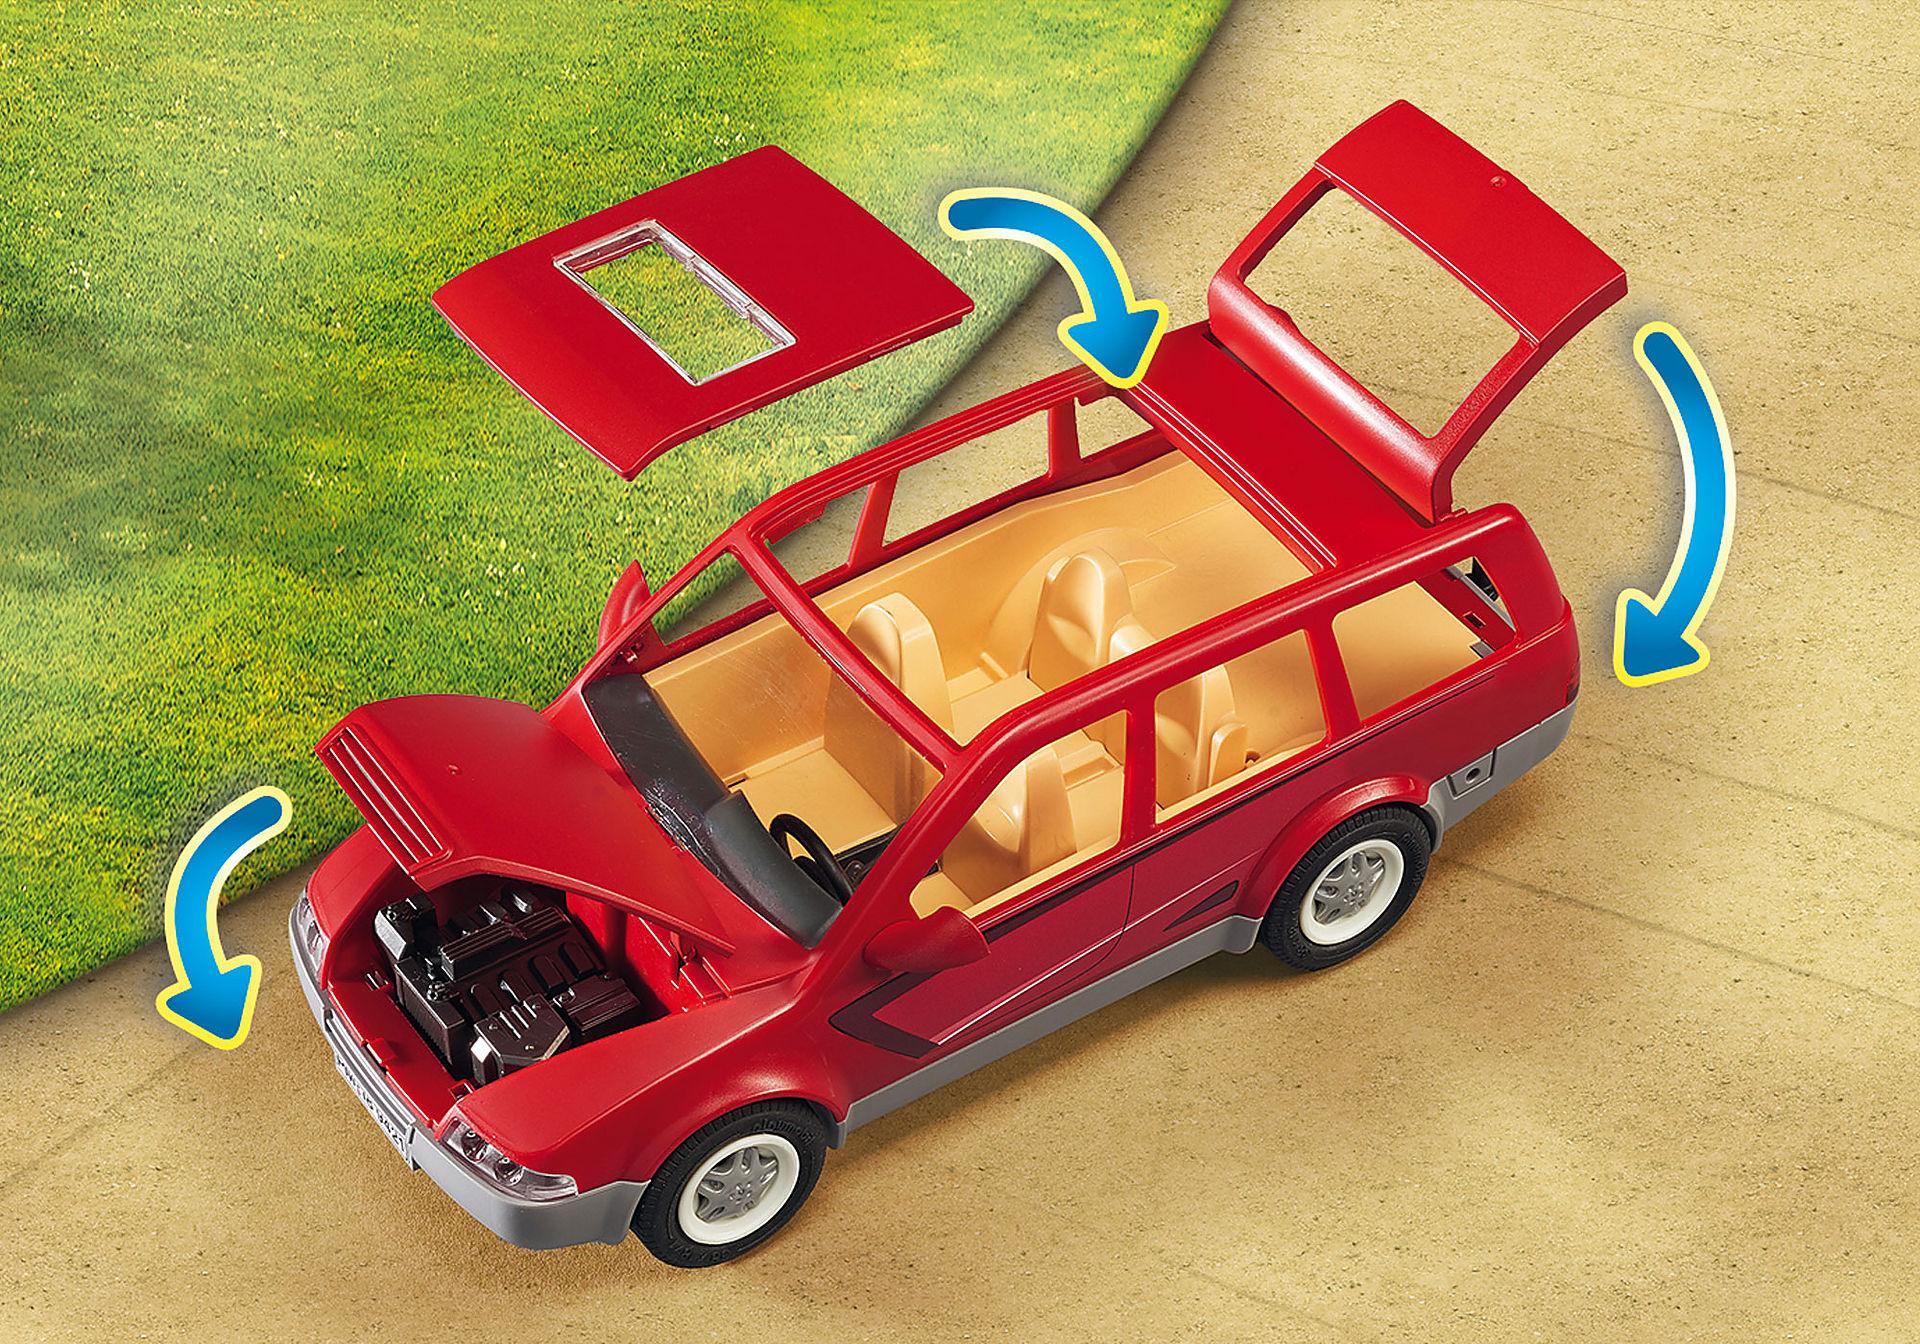 9421 Οικογενειακό πολυχρηστικό όχημα zoom image6